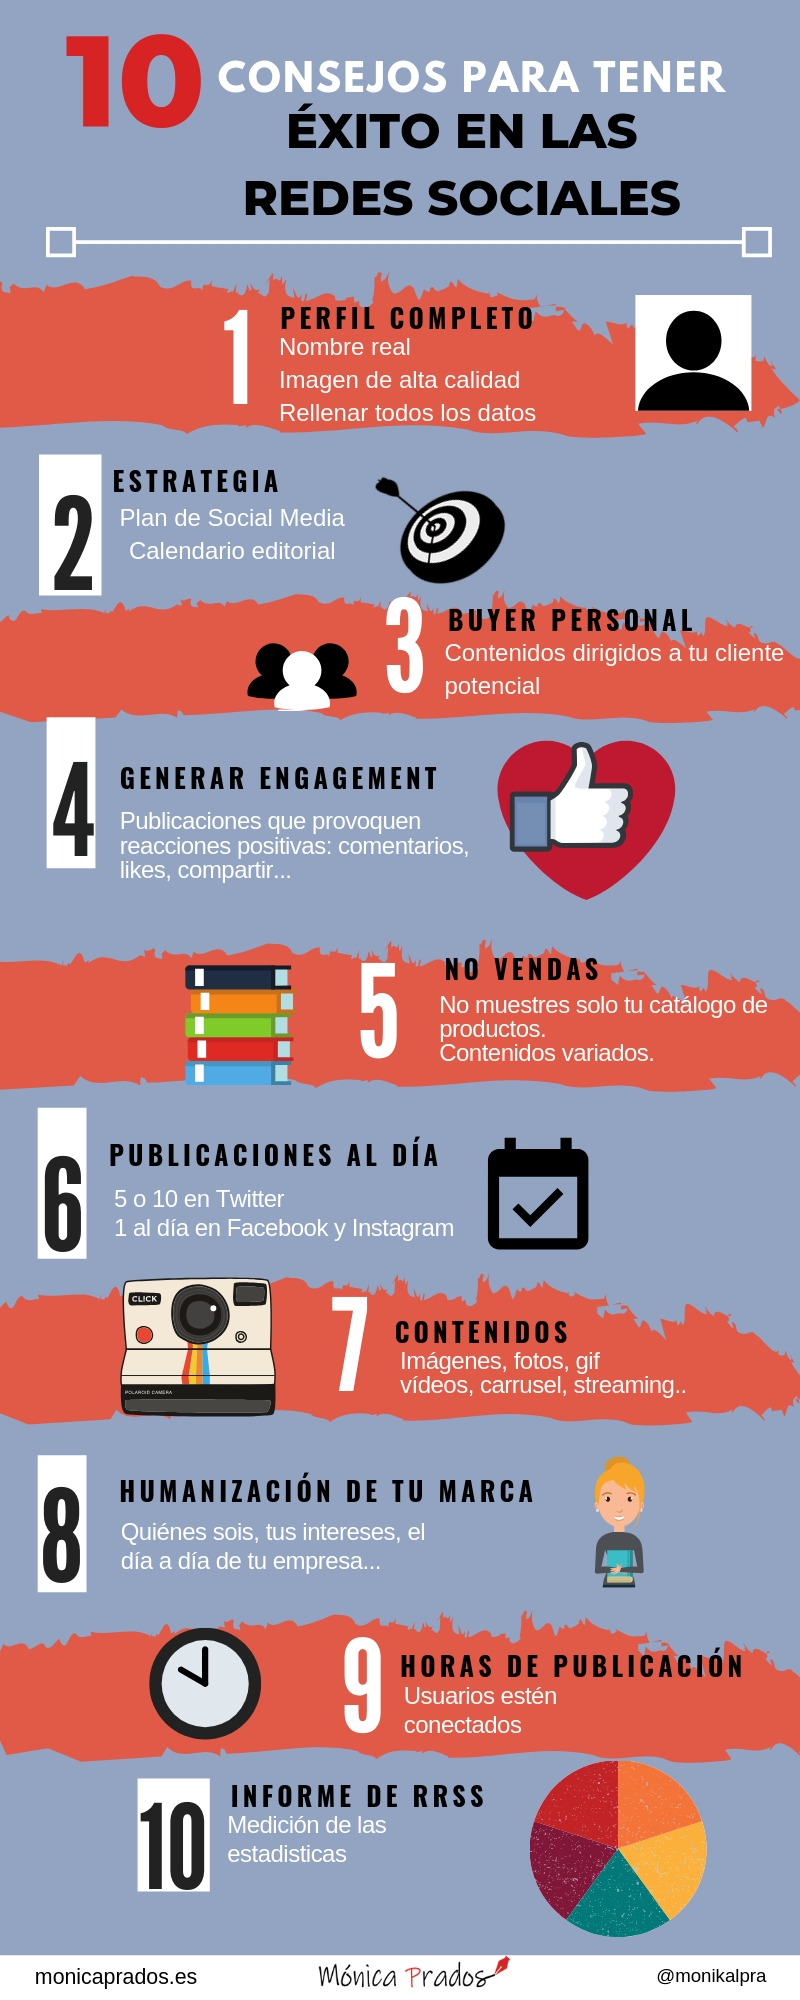 10 consejos para tener éxito en Redes Sociales